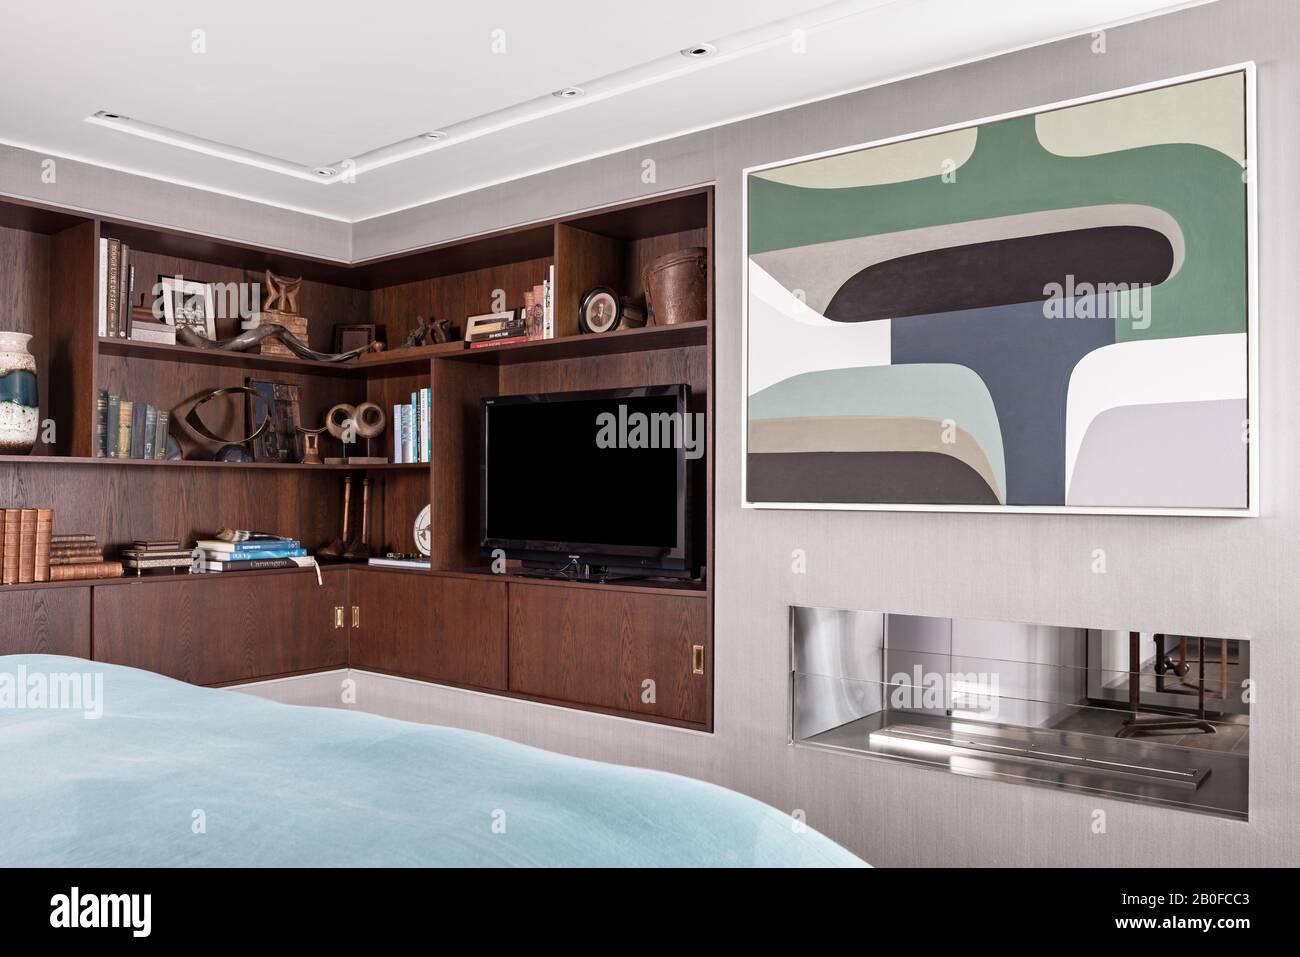 Télévision sur des étagères lambrissés et de grandes œuvres d'art dans la chambre de l'appartement moderne de West London. Banque D'Images